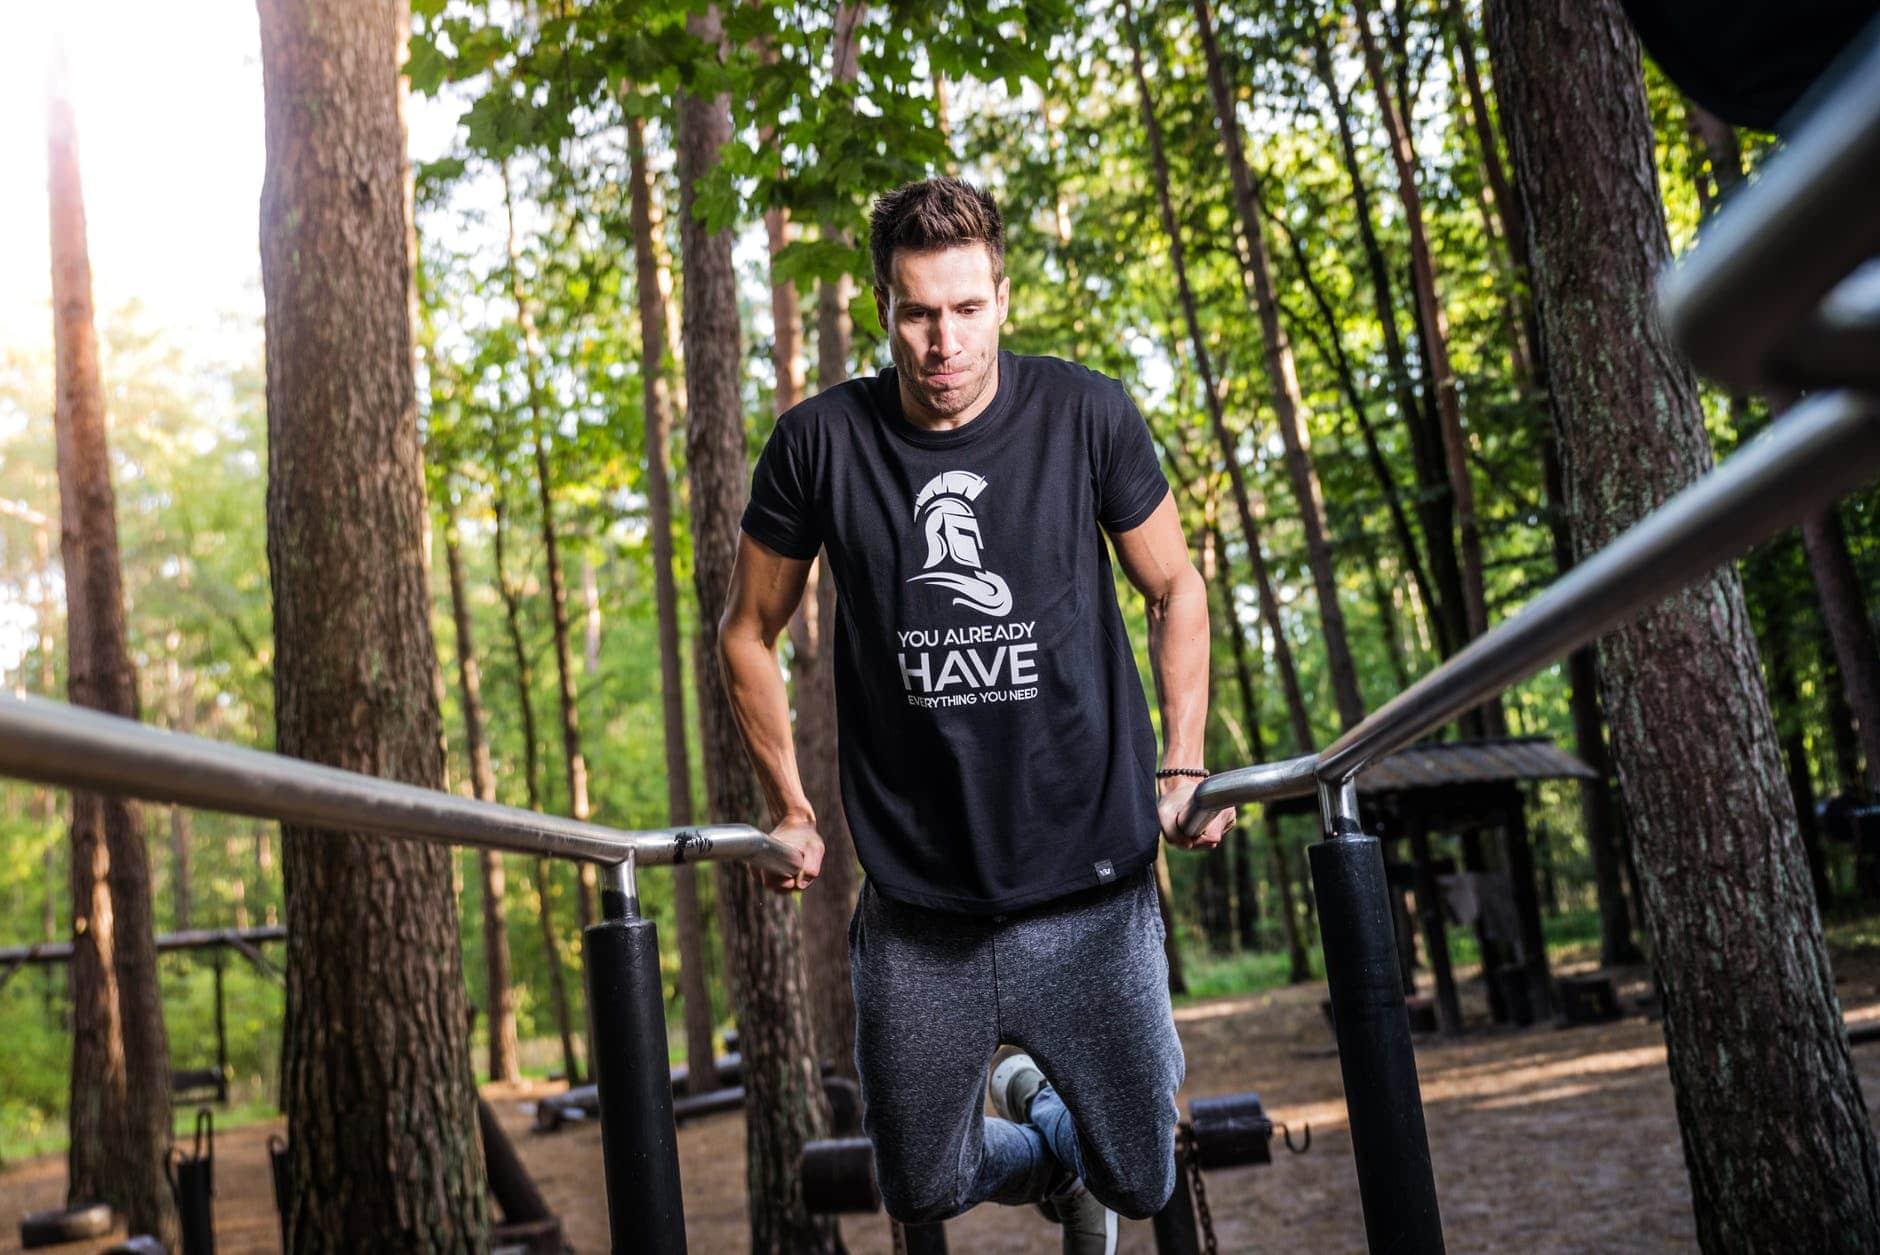 El HIIT es una forma de entrenamiento aeróbico y anaeróbico